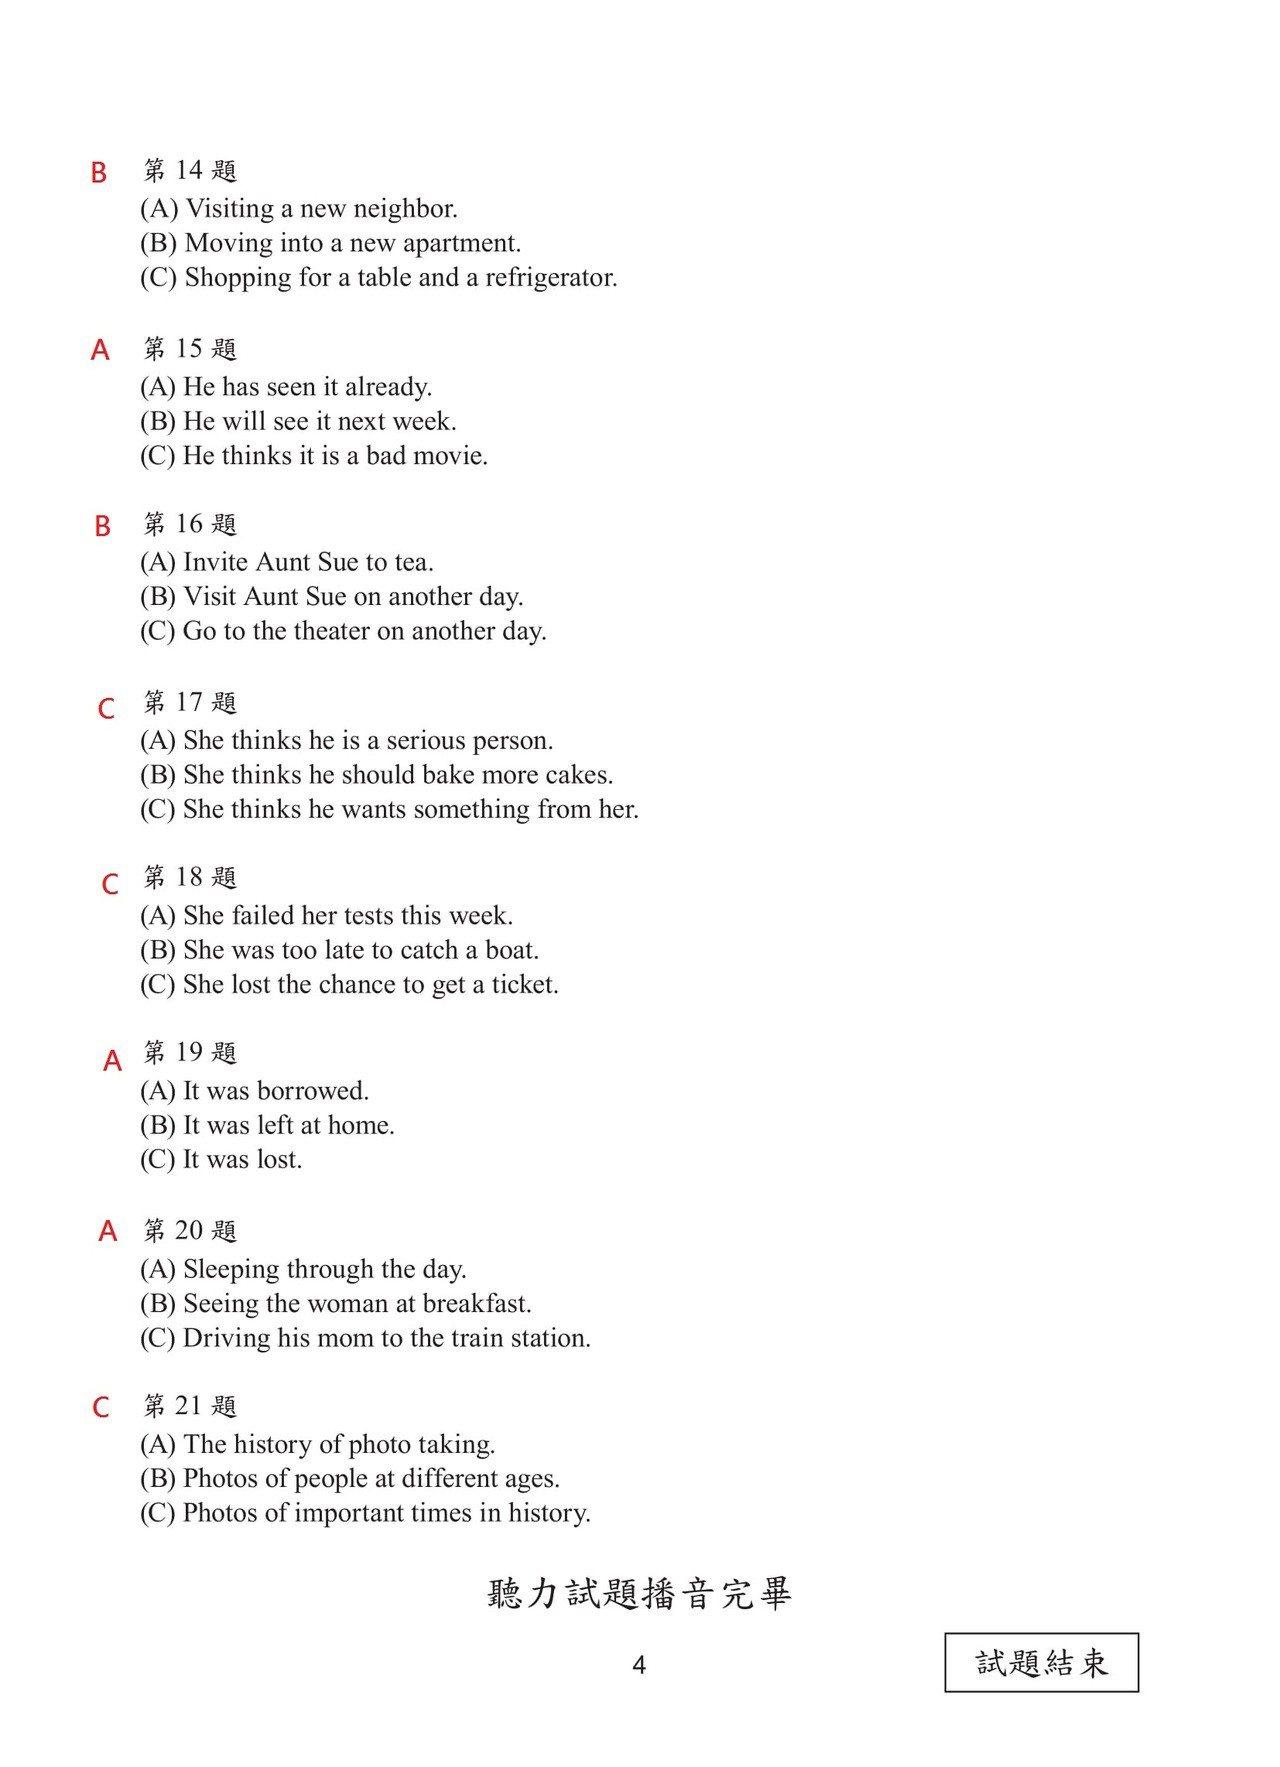 108國中會考英語(聽力)科試題解答,第4頁。